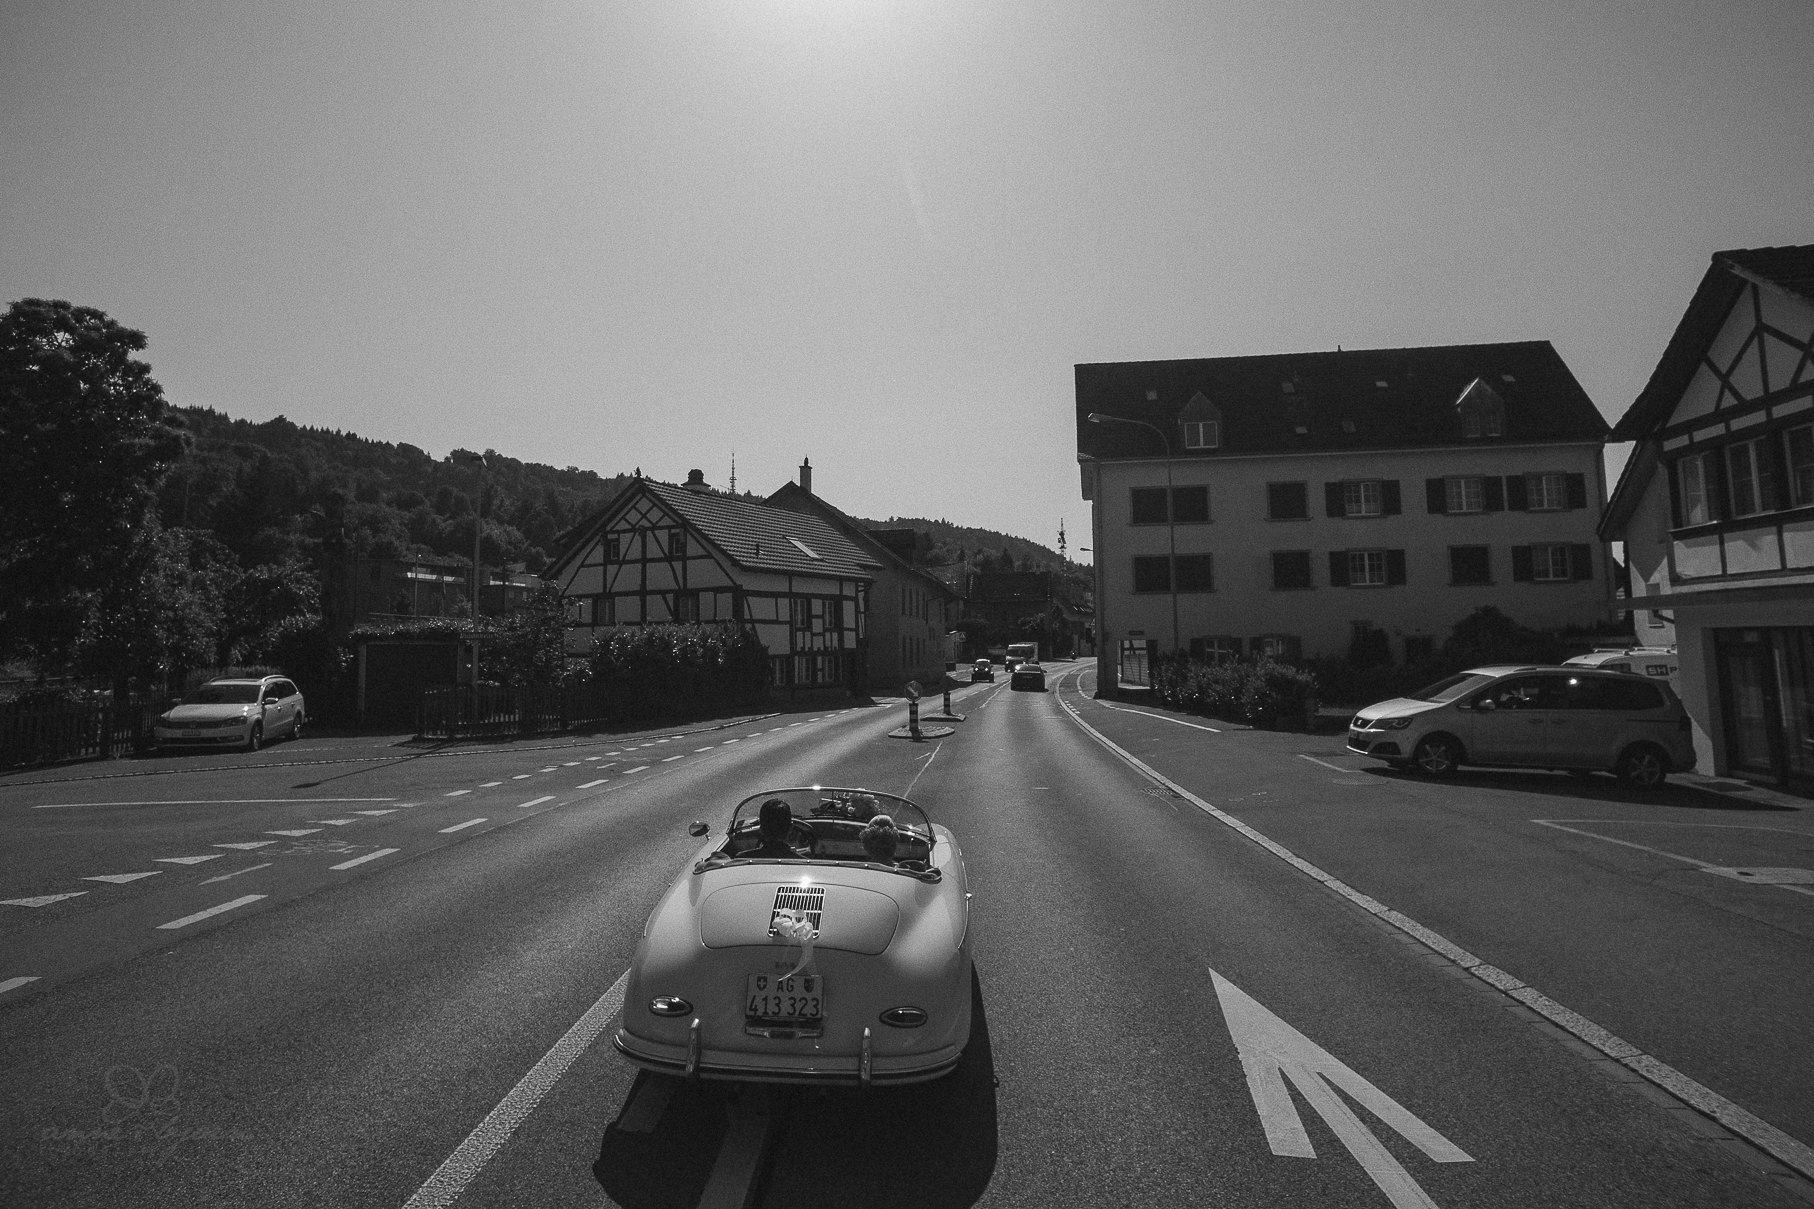 0088 anne und bjoern hochzeit schweiz dji 0010 - DIY Hochzeit in der Schweiz - Sabrina & Christoph